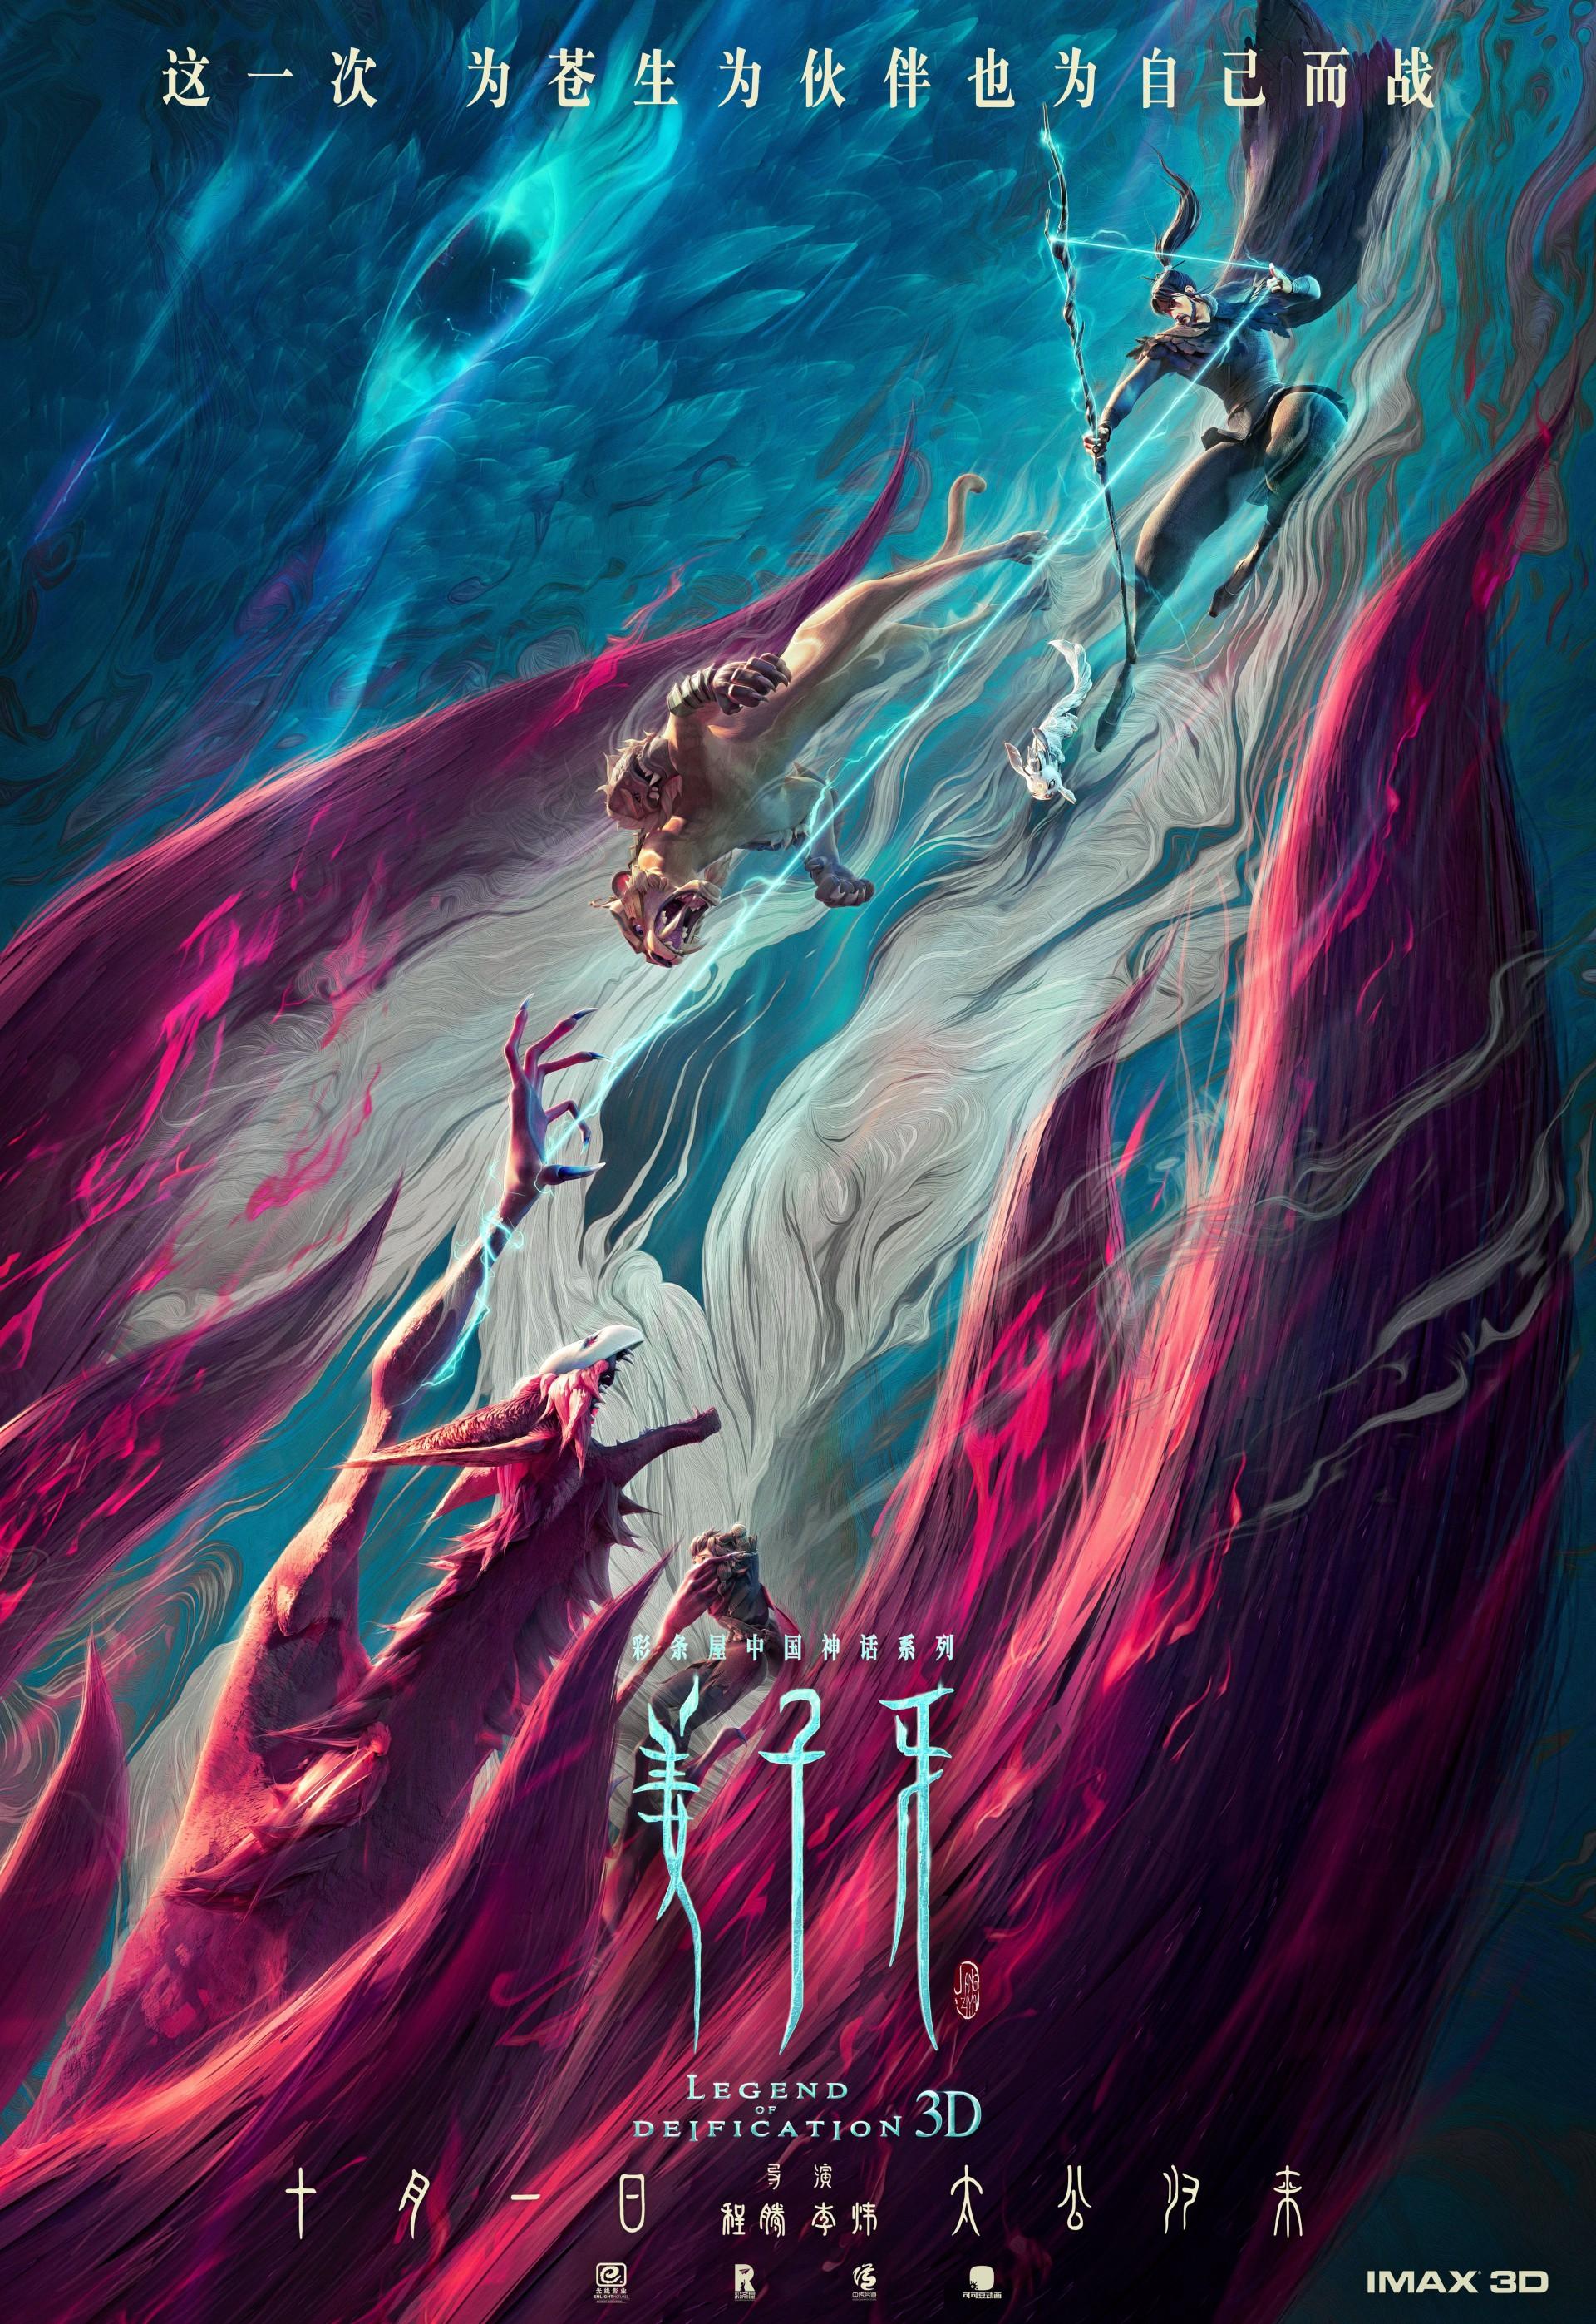 电影《姜子牙》终极海报公布 ,画面很有视觉冲击力